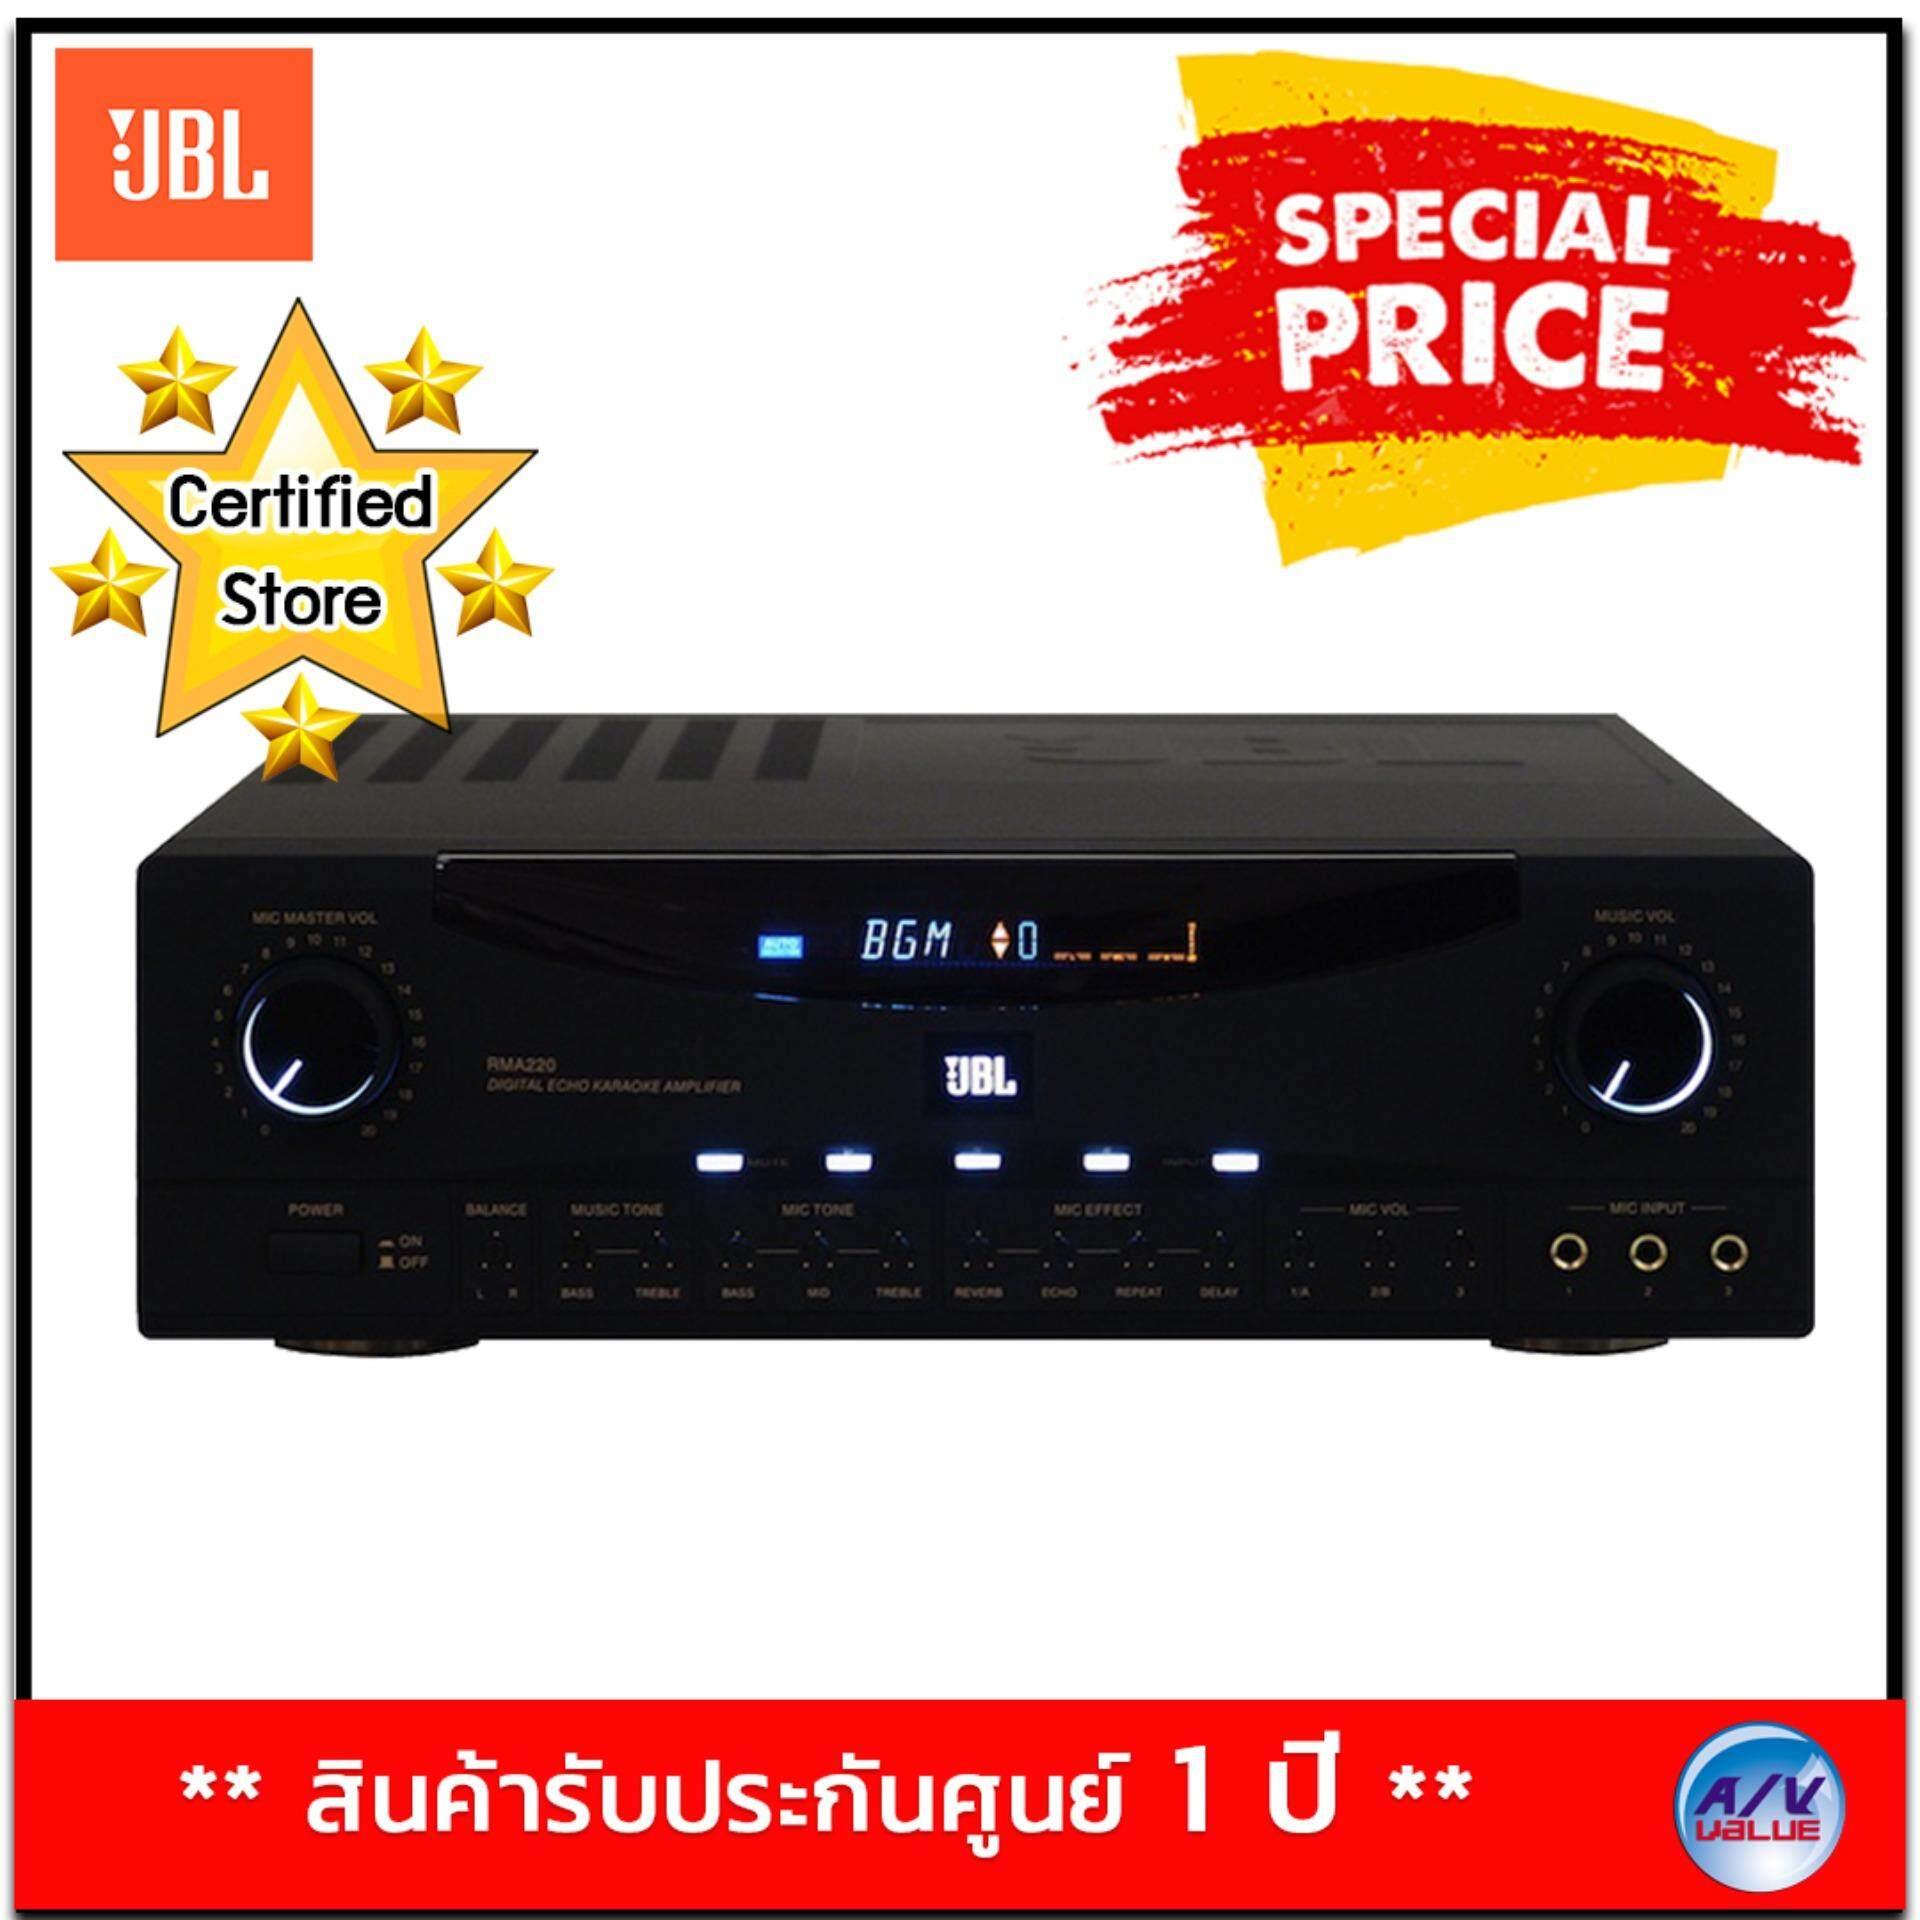 ยี่ห้อนี้ดีไหม  ปทุมธานี JBL RMA220A  Karaoke Amplifier **Voucher ลดเพิ่มพิเศษ